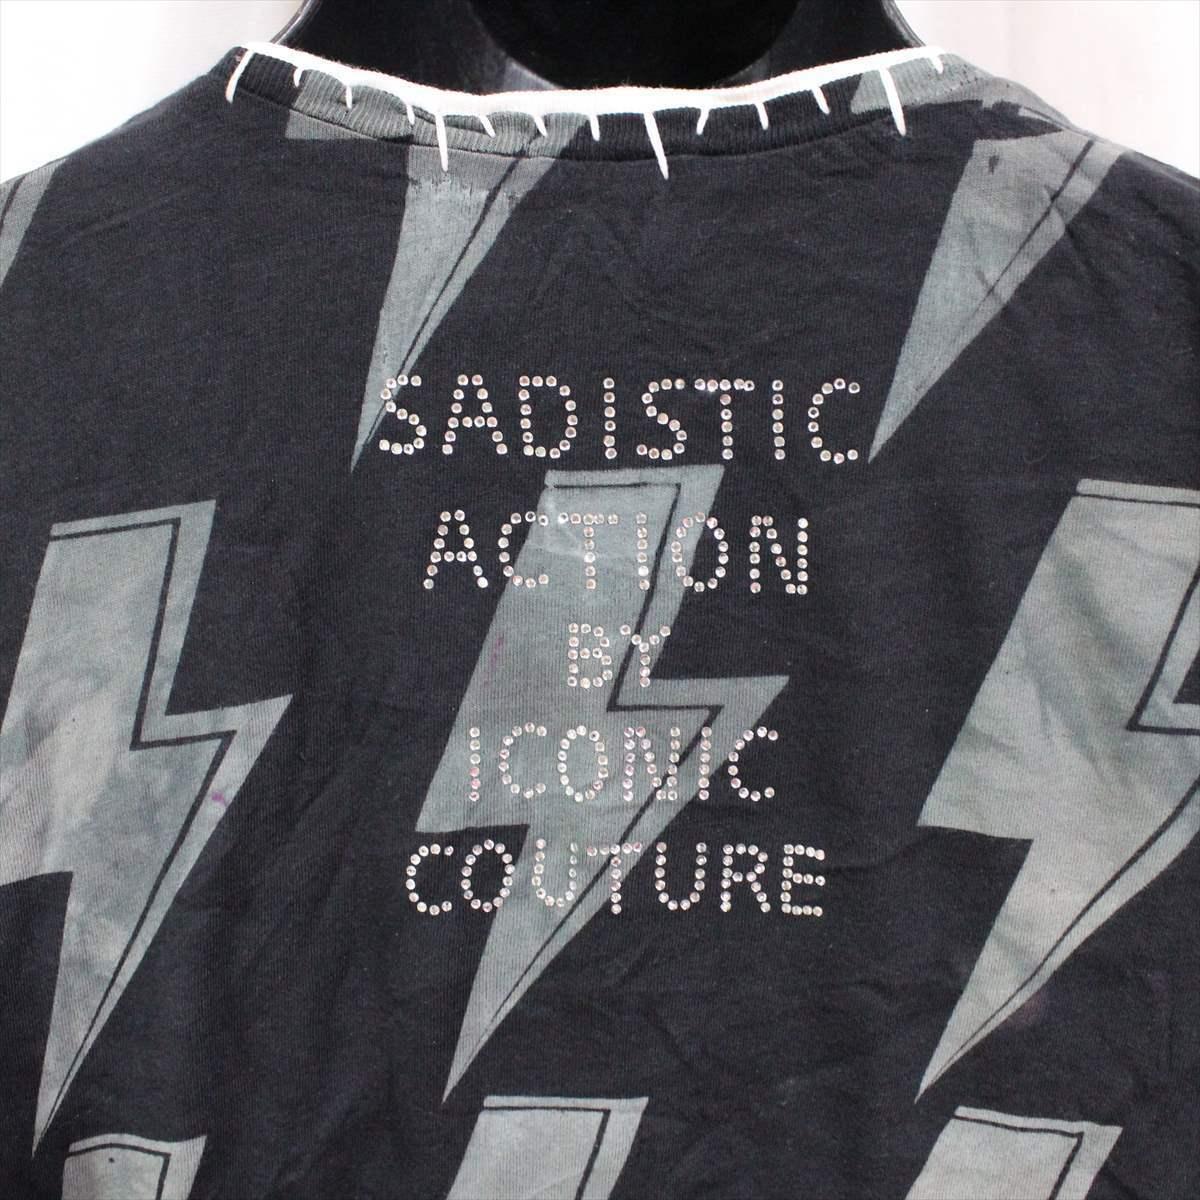 サディスティックアクション SADISTIC ACTION アイコニック ICONIC COTURE メンズ半袖Tシャツ AC/DC Lサイズ 新品_画像5